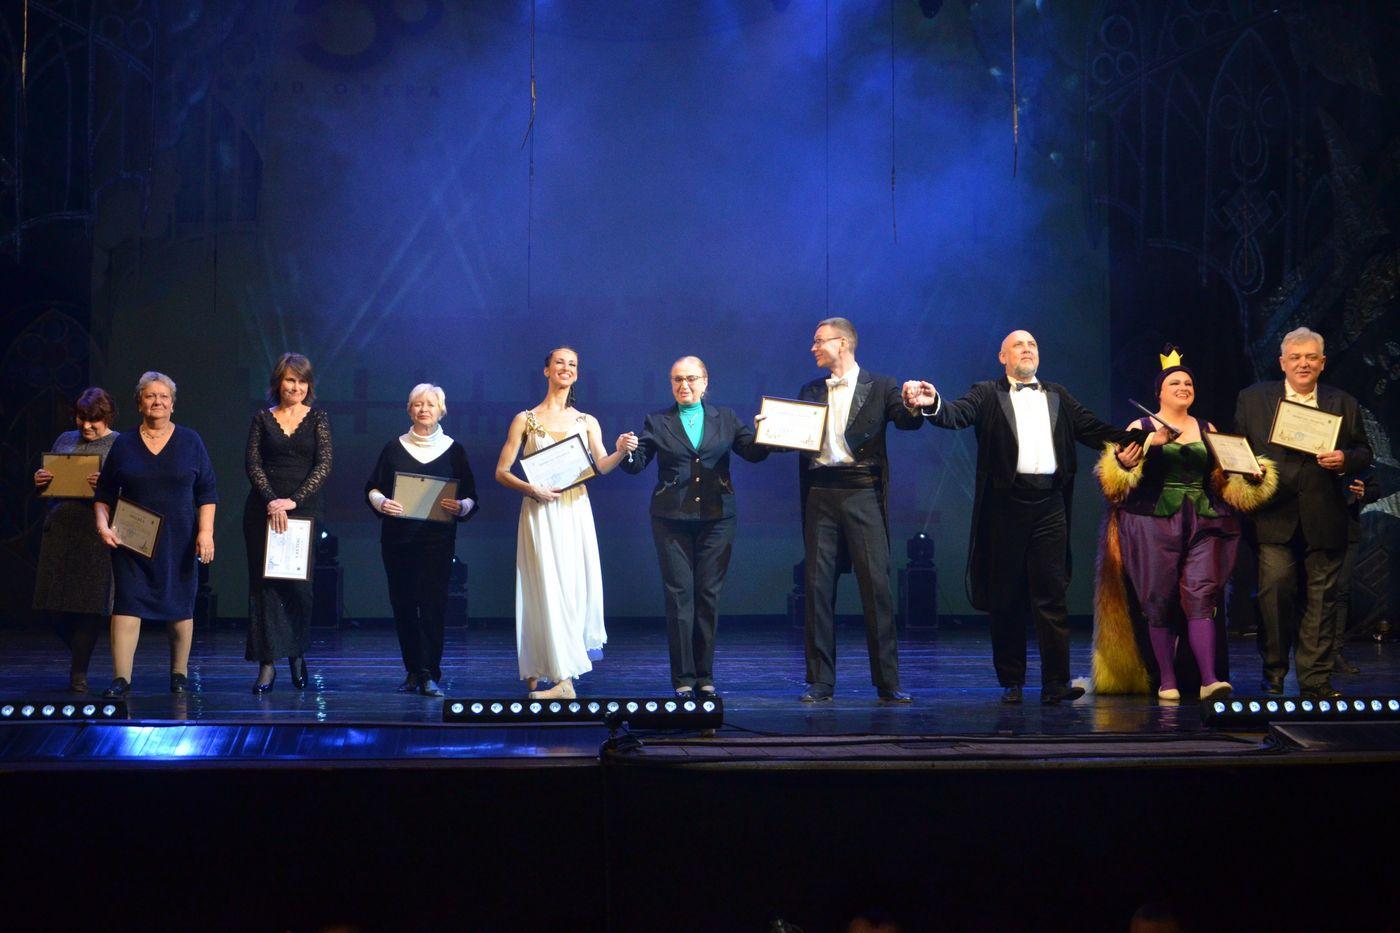 Харківський театр опери та балету відзначив своє 95-річчя